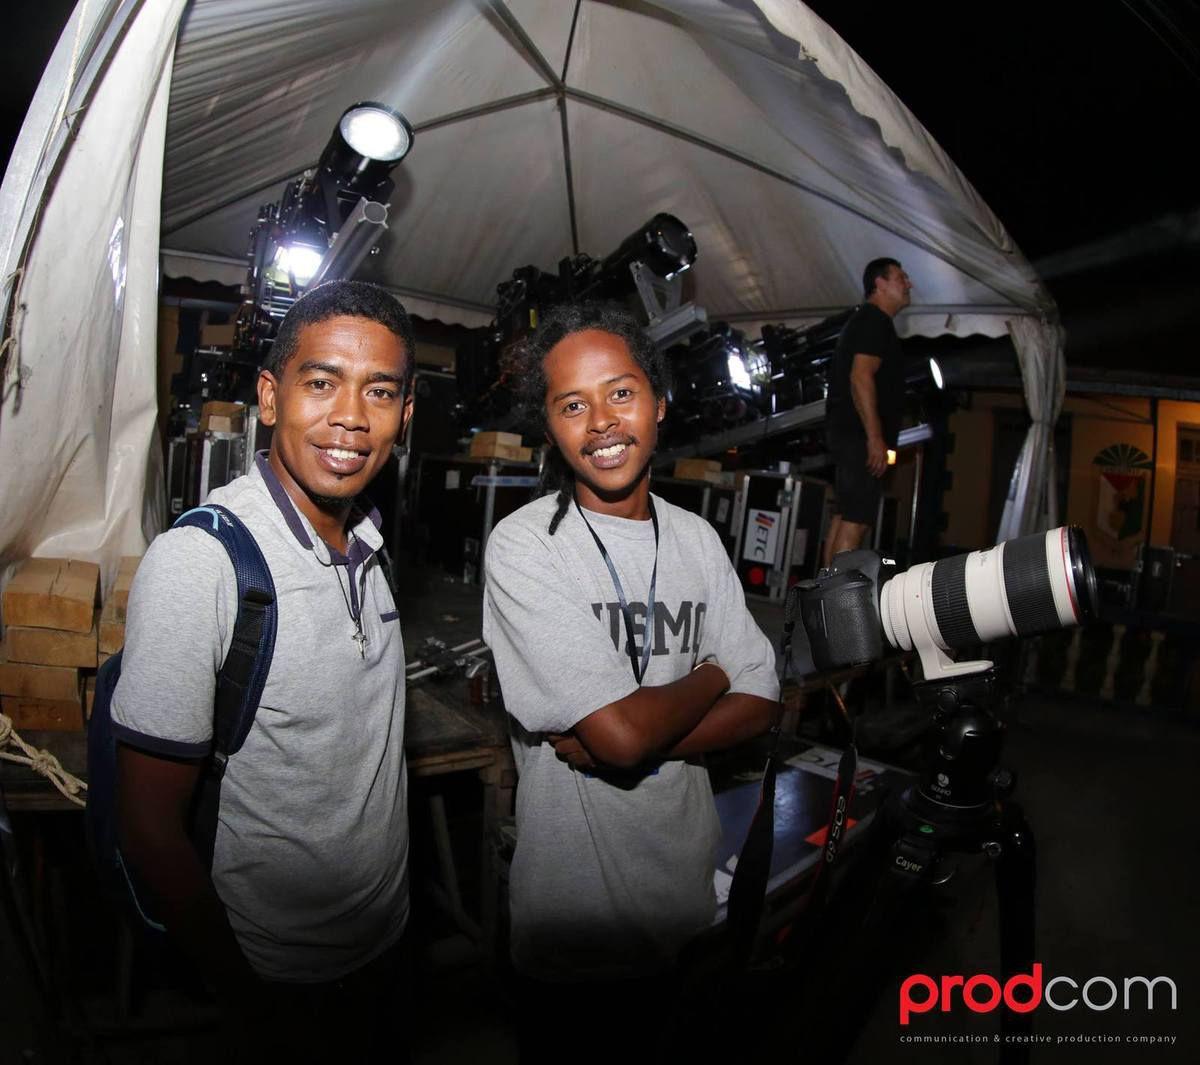 Madagascar : deux spectacles à couper le souffle lors de la clôture du sommet de la francophonie